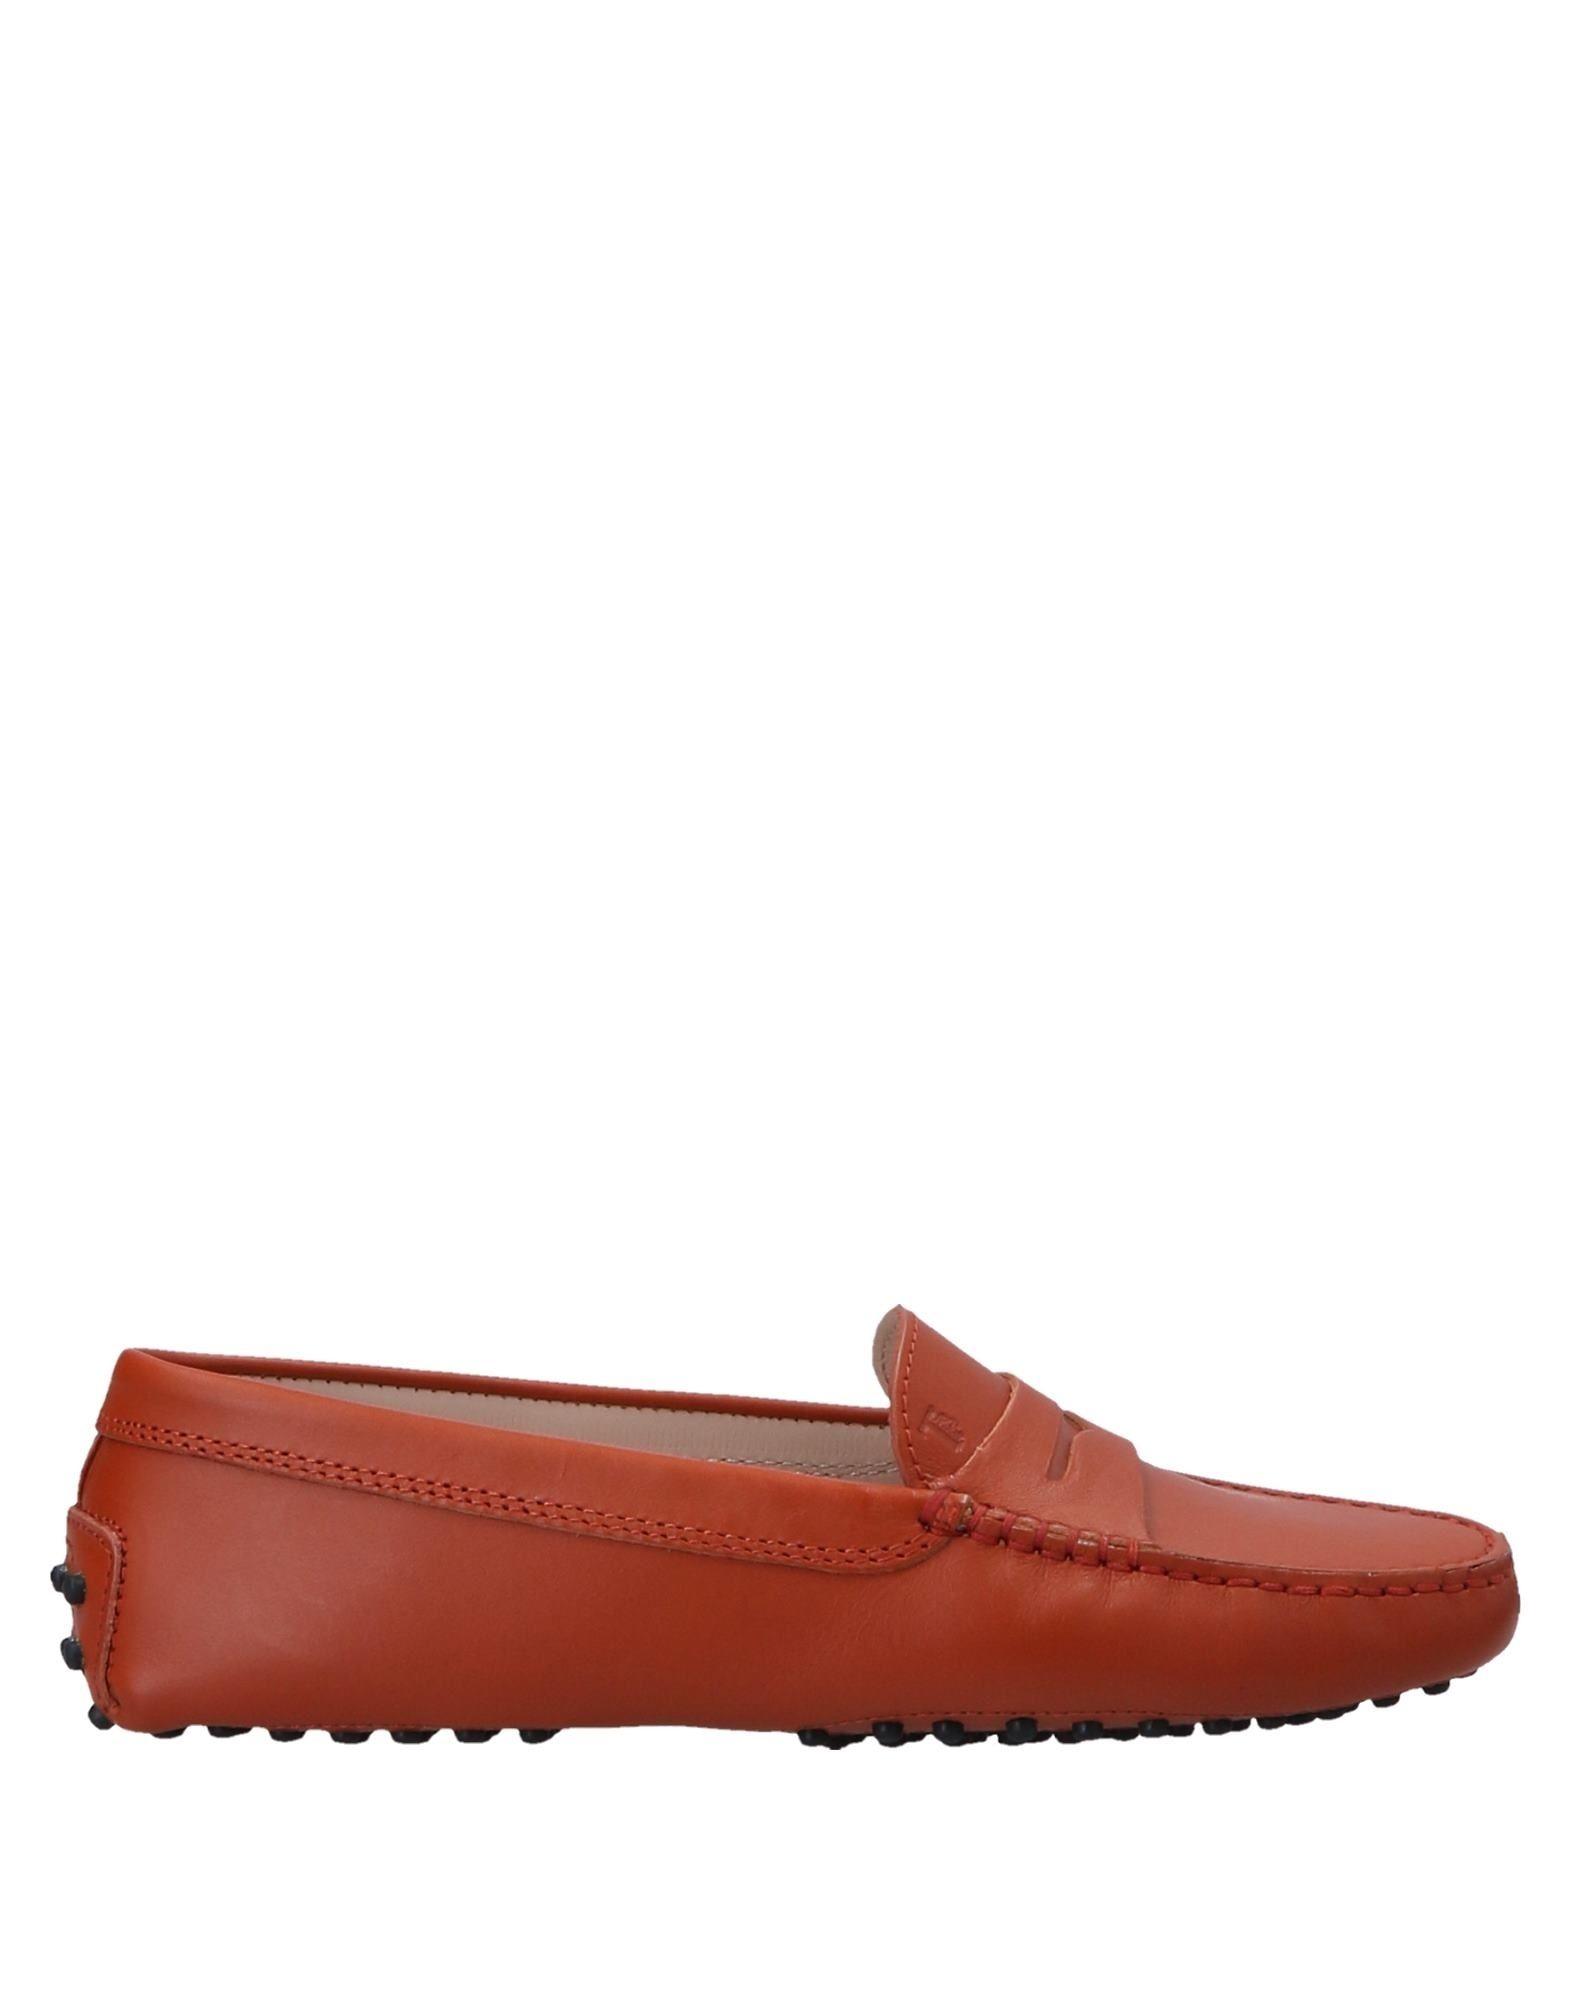 Tod's  Mokassins Damen  Tod's 11557607THGünstige gut aussehende Schuhe 2e8cd0